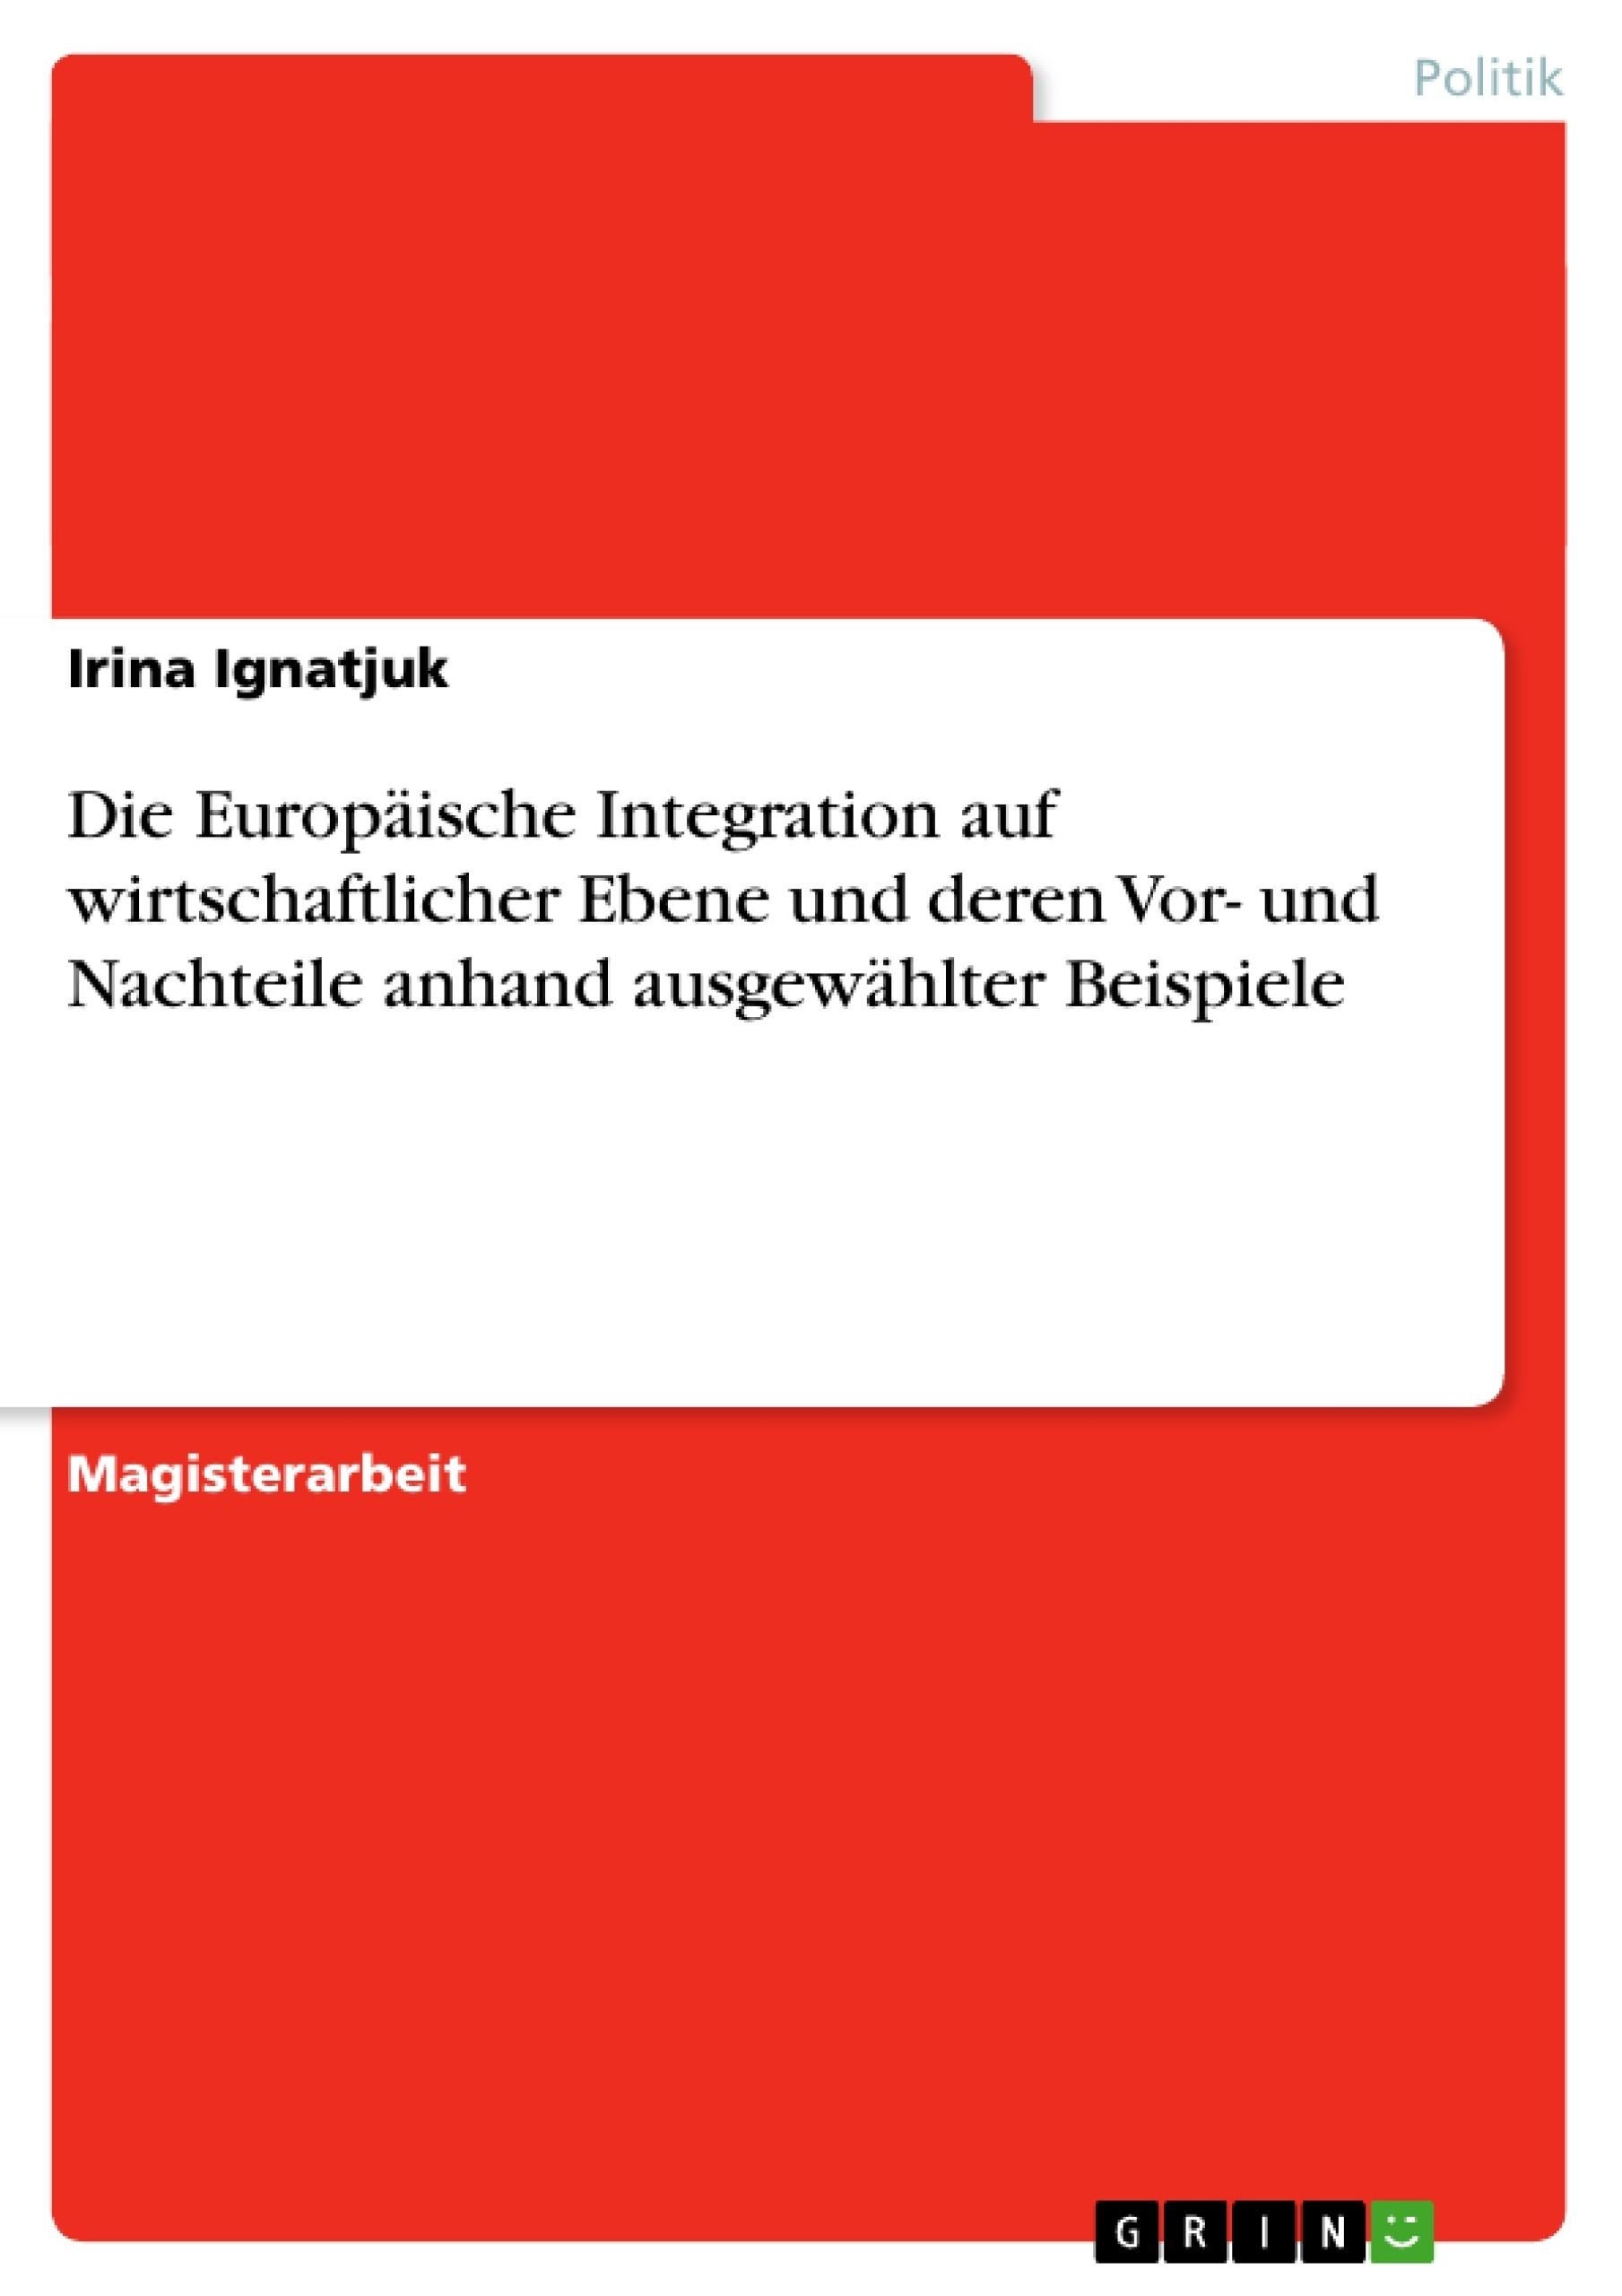 Titel: Die Europäische Integration auf wirtschaftlicher Ebene und deren Vor- und Nachteile anhand ausgewählter Beispiele